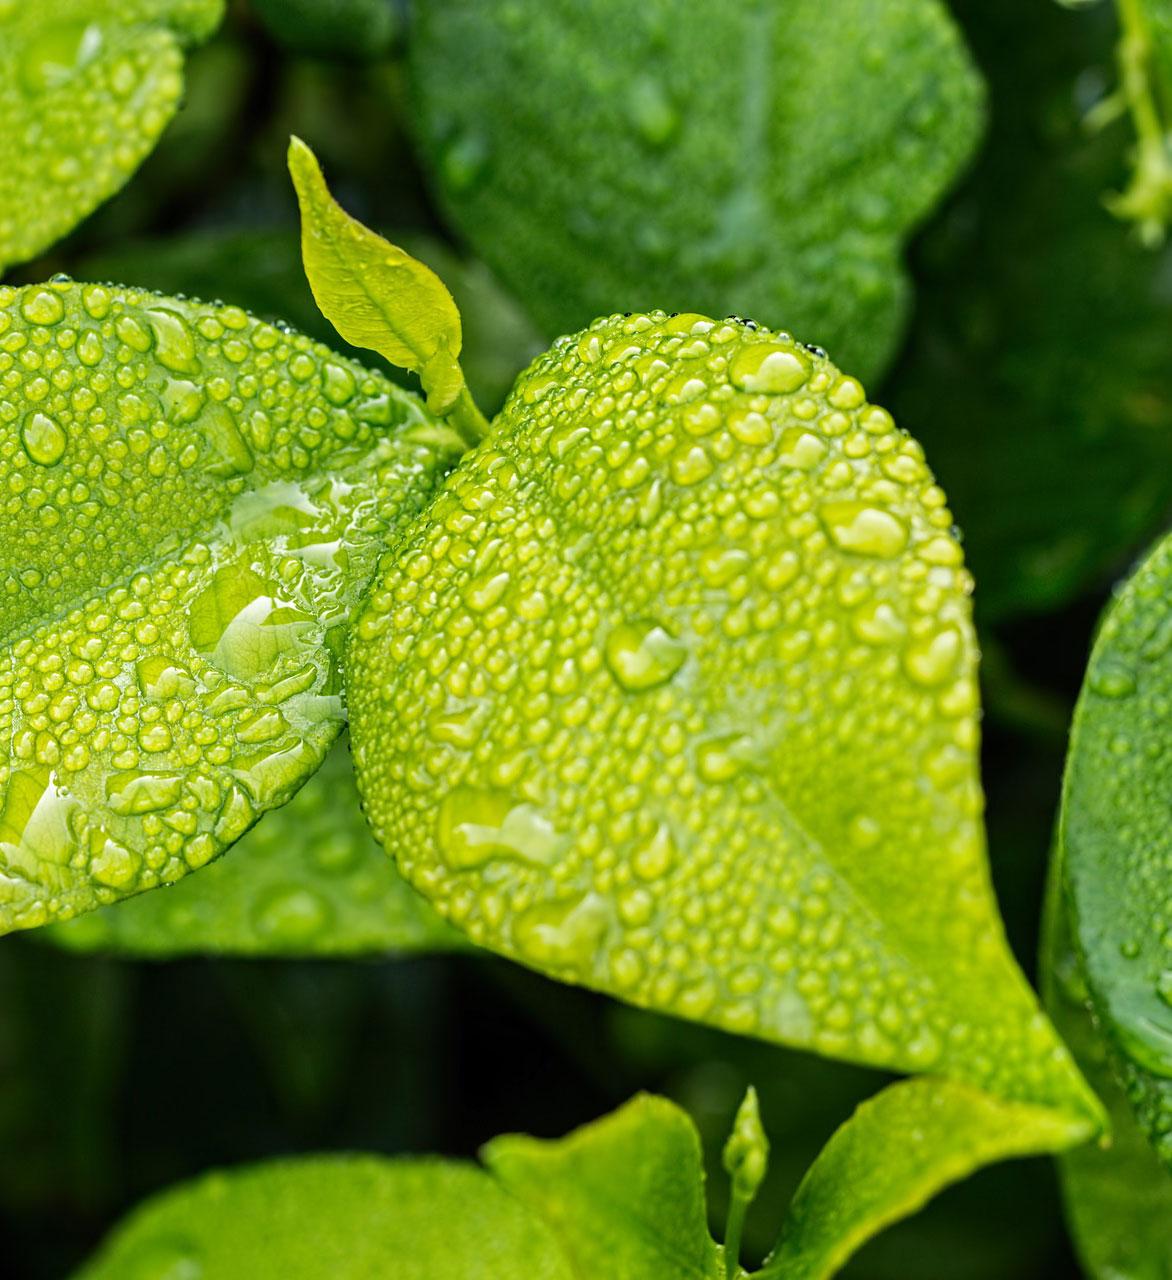 Biokol - Köp EBC-certifierad och klimatsmart biokol